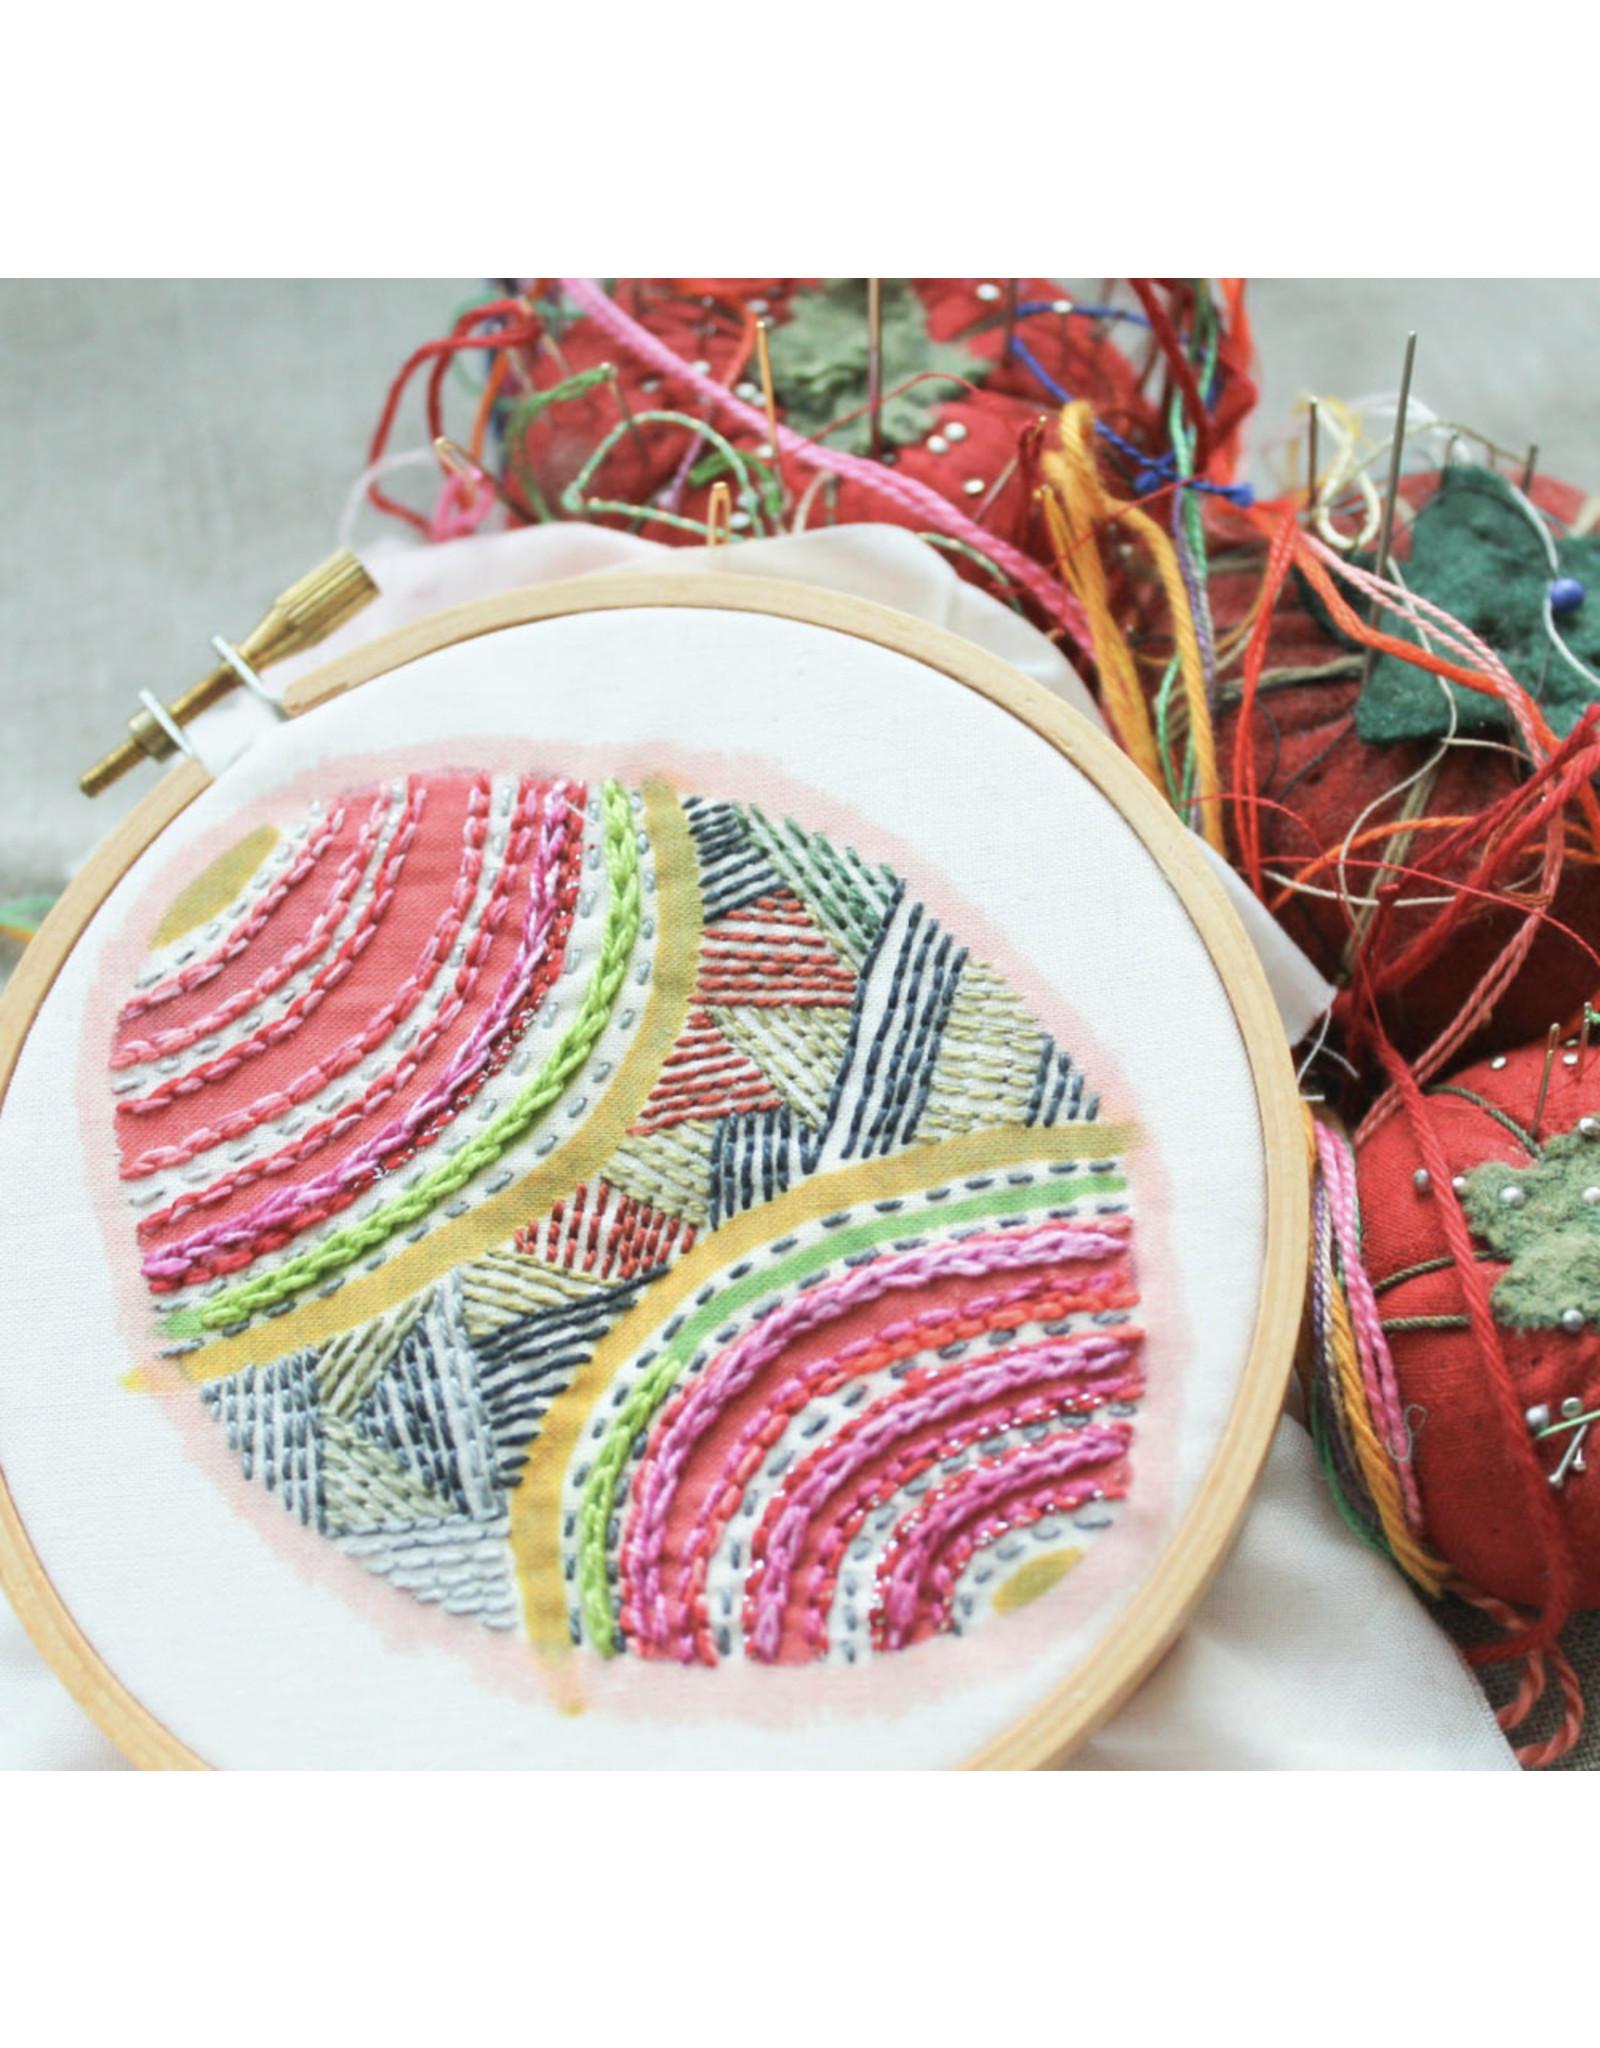 Dropcloth Samplers Pysanka Sampler, Embroidery Sampler from Dropcloth Samplers